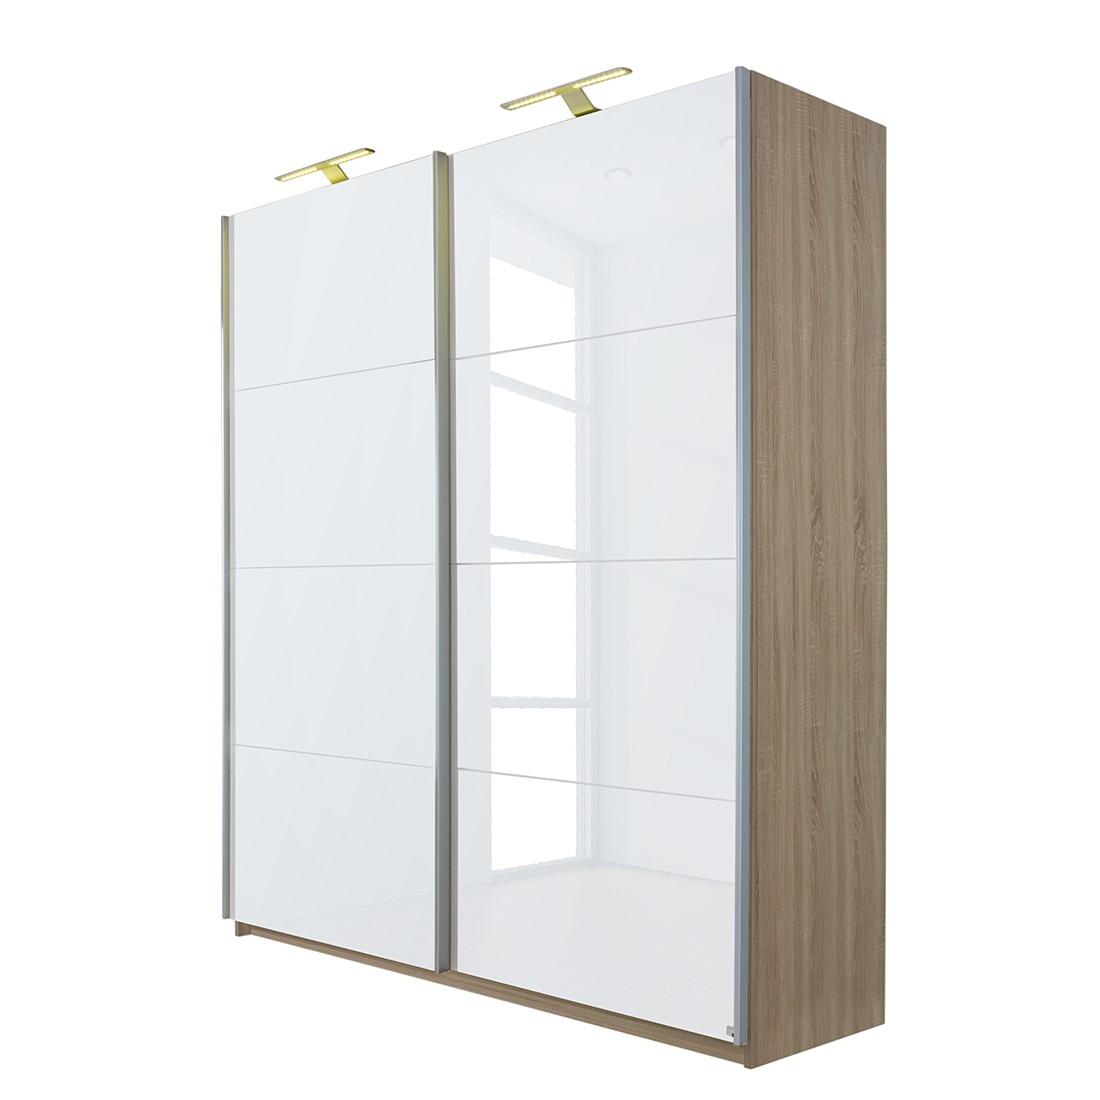 goedkoop Schuifdeurkast Beluga hoogglans wit Sonoma eikenhouten look 181cm 2 deurs 223cm Rauch Select